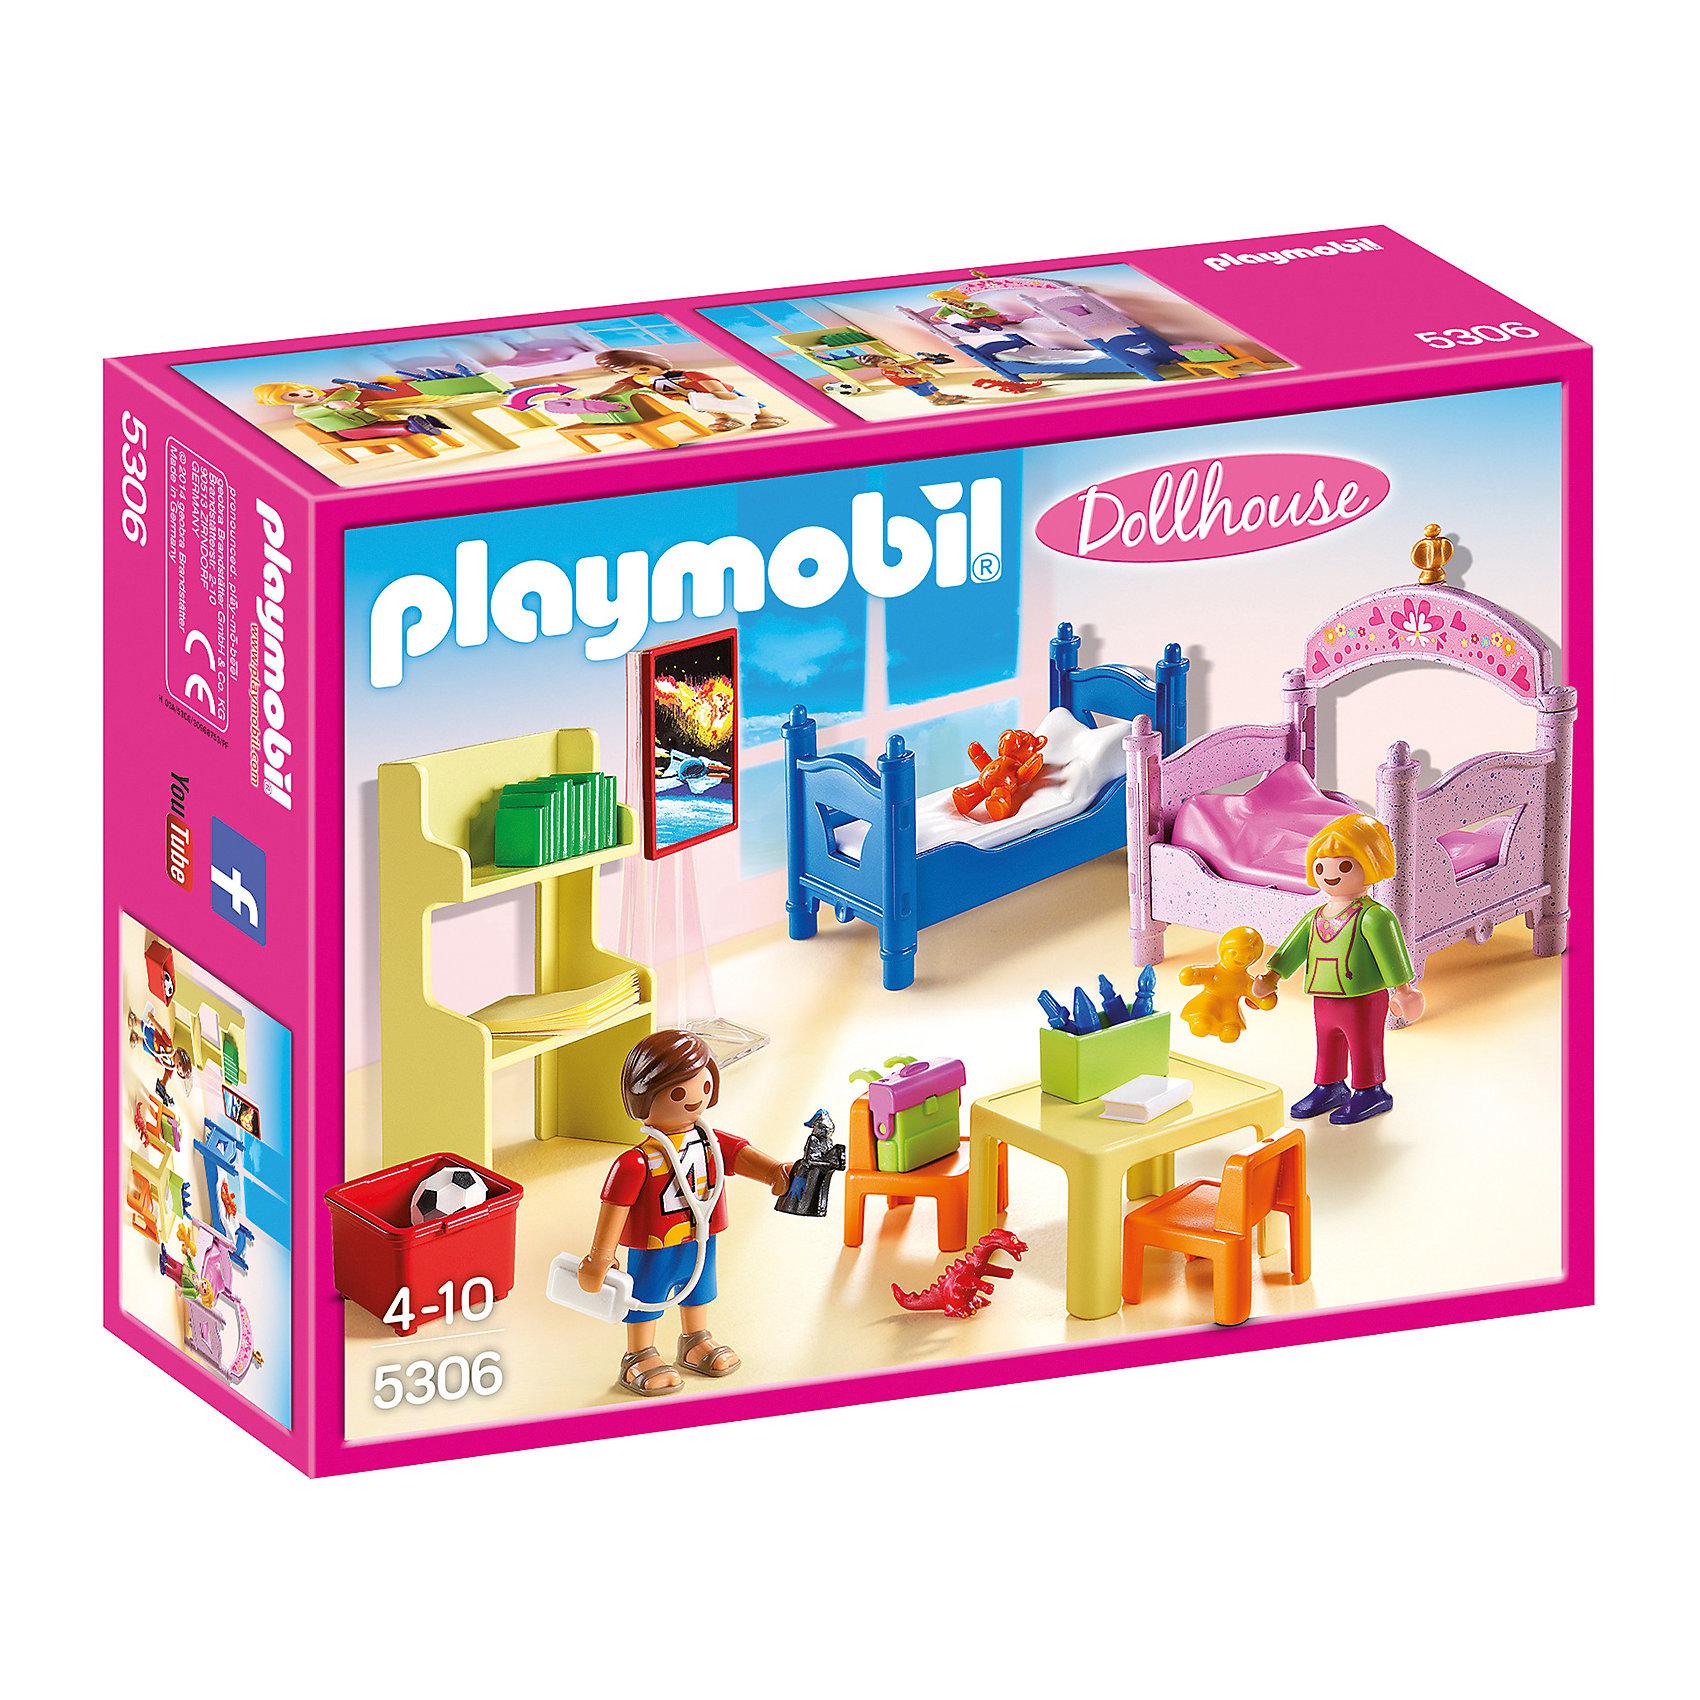 PLAYMOBIL® Детская комната для 2-х детей, PLAYMOBIL playmobil игровой набор кукольный дом детская комната для 2 детей